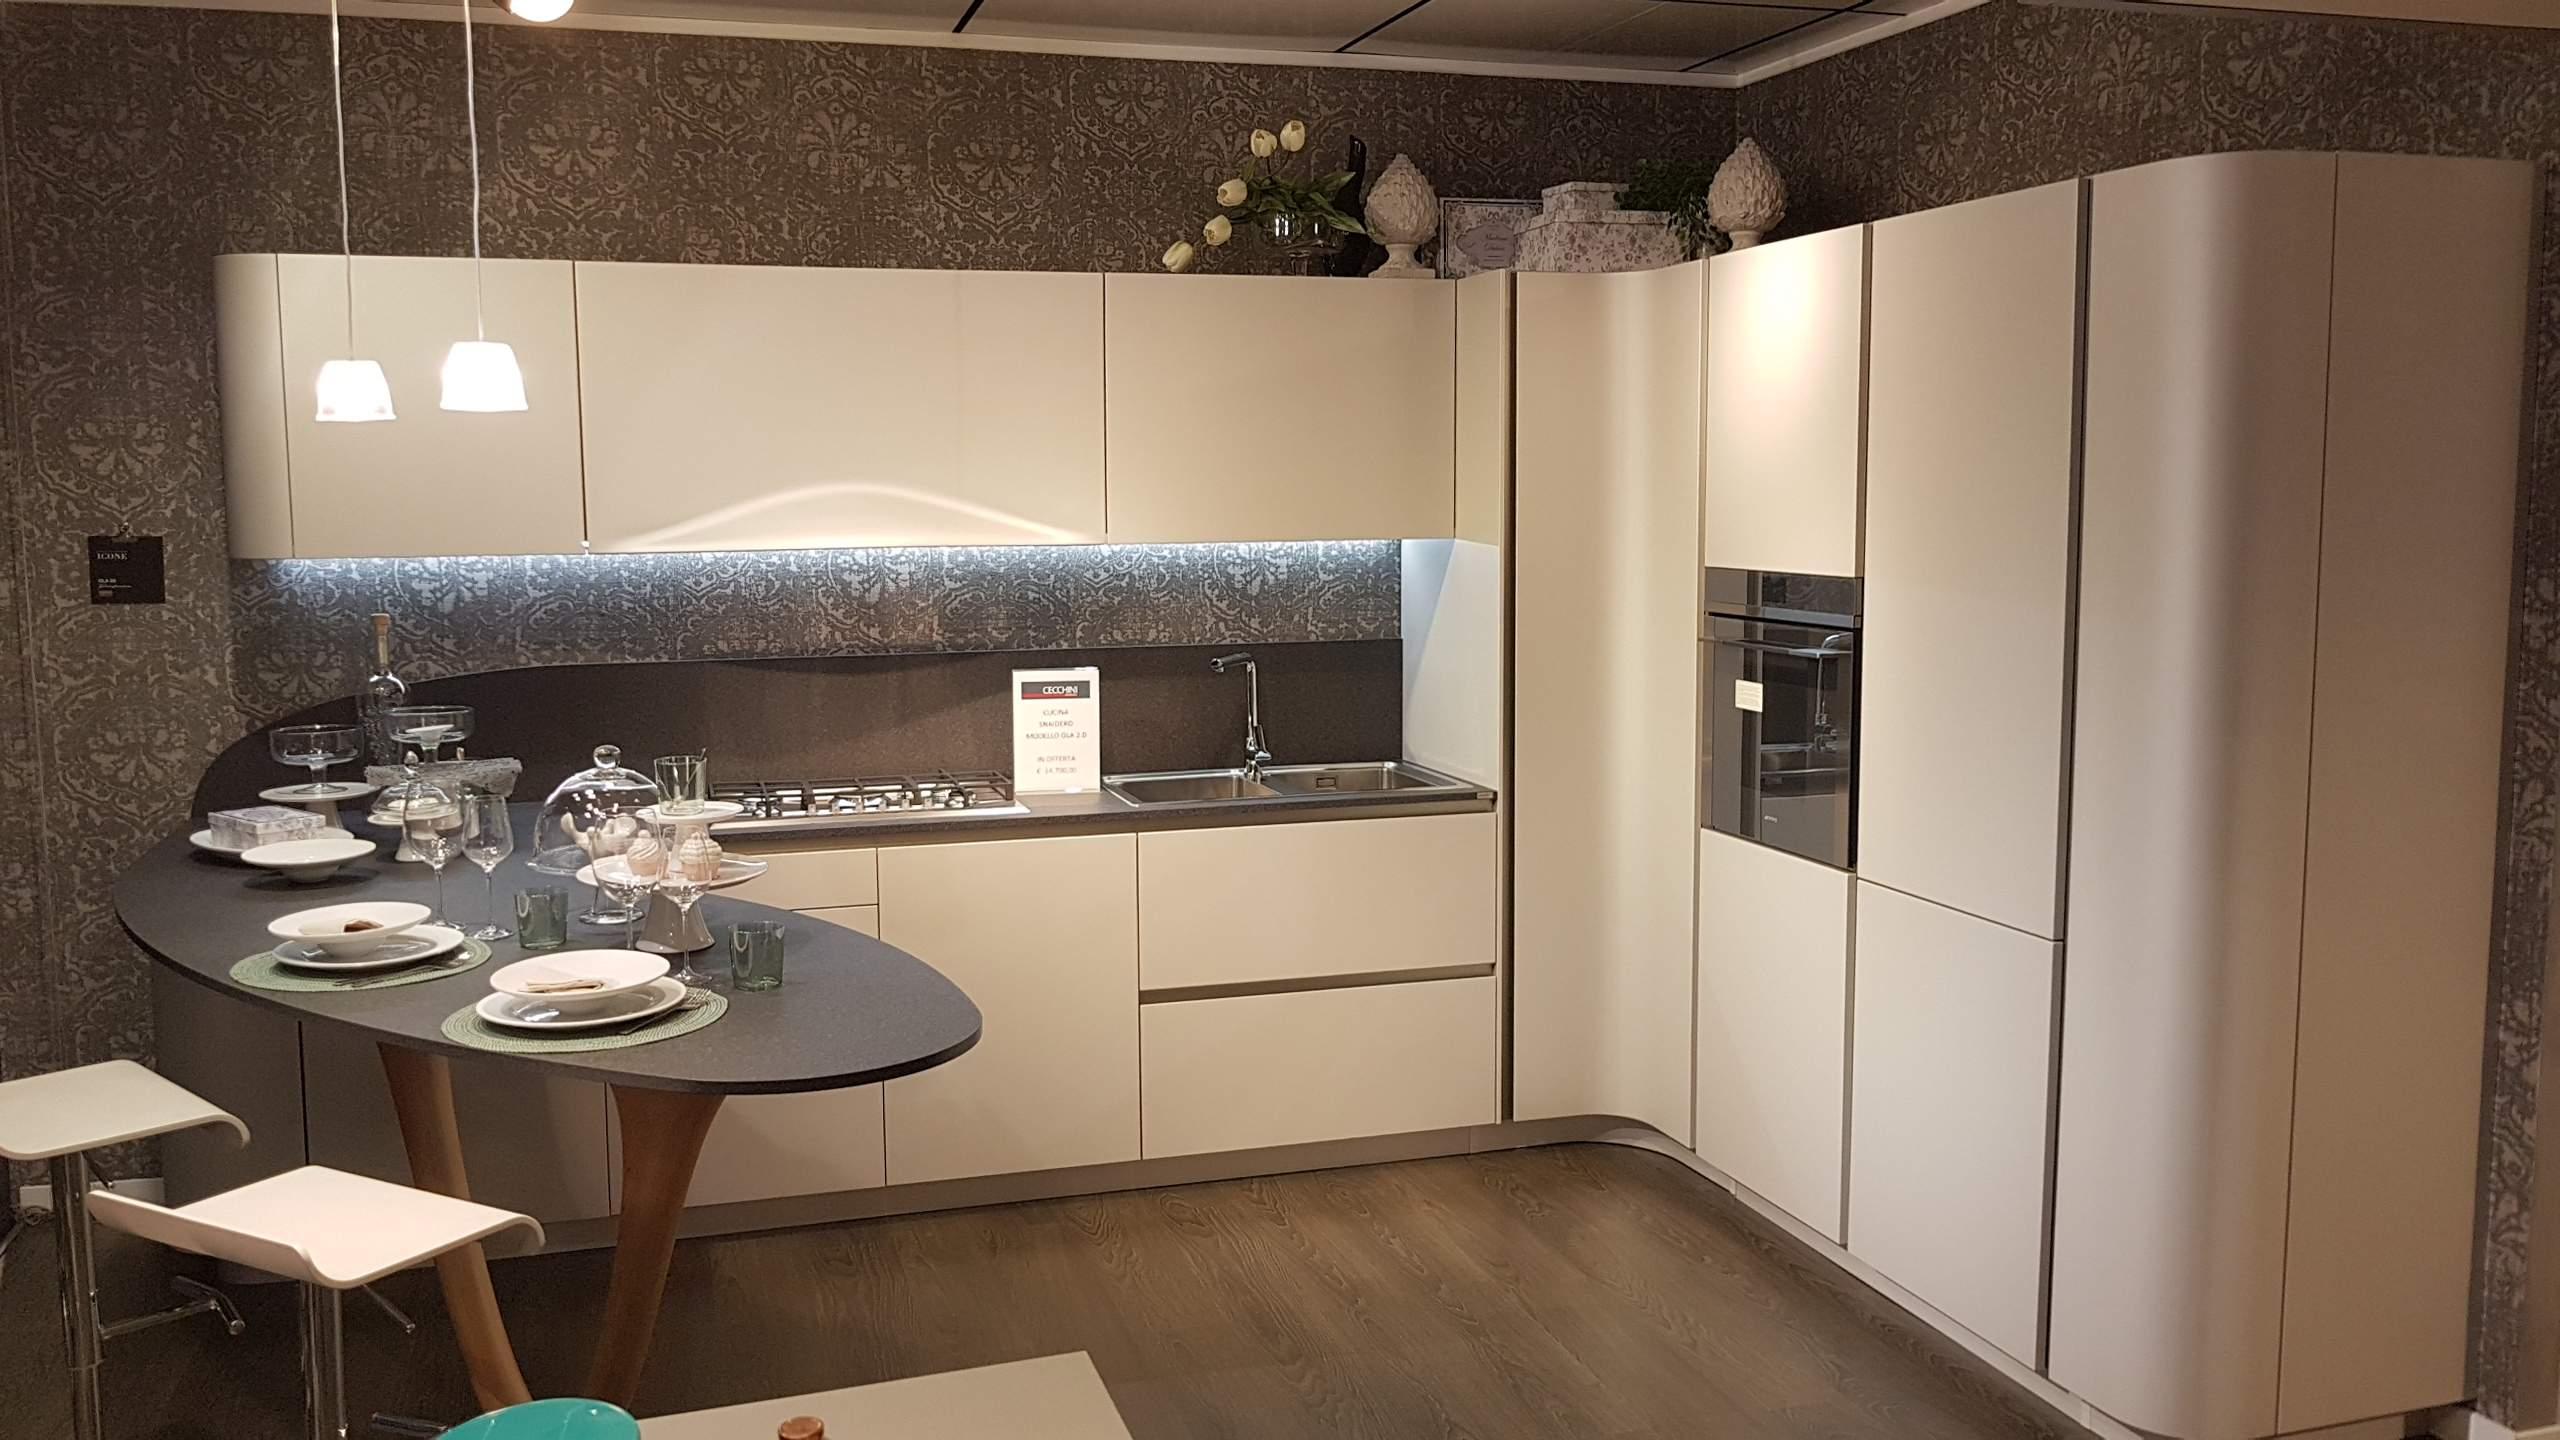 Outlet cecchini arreda for Design d occasione